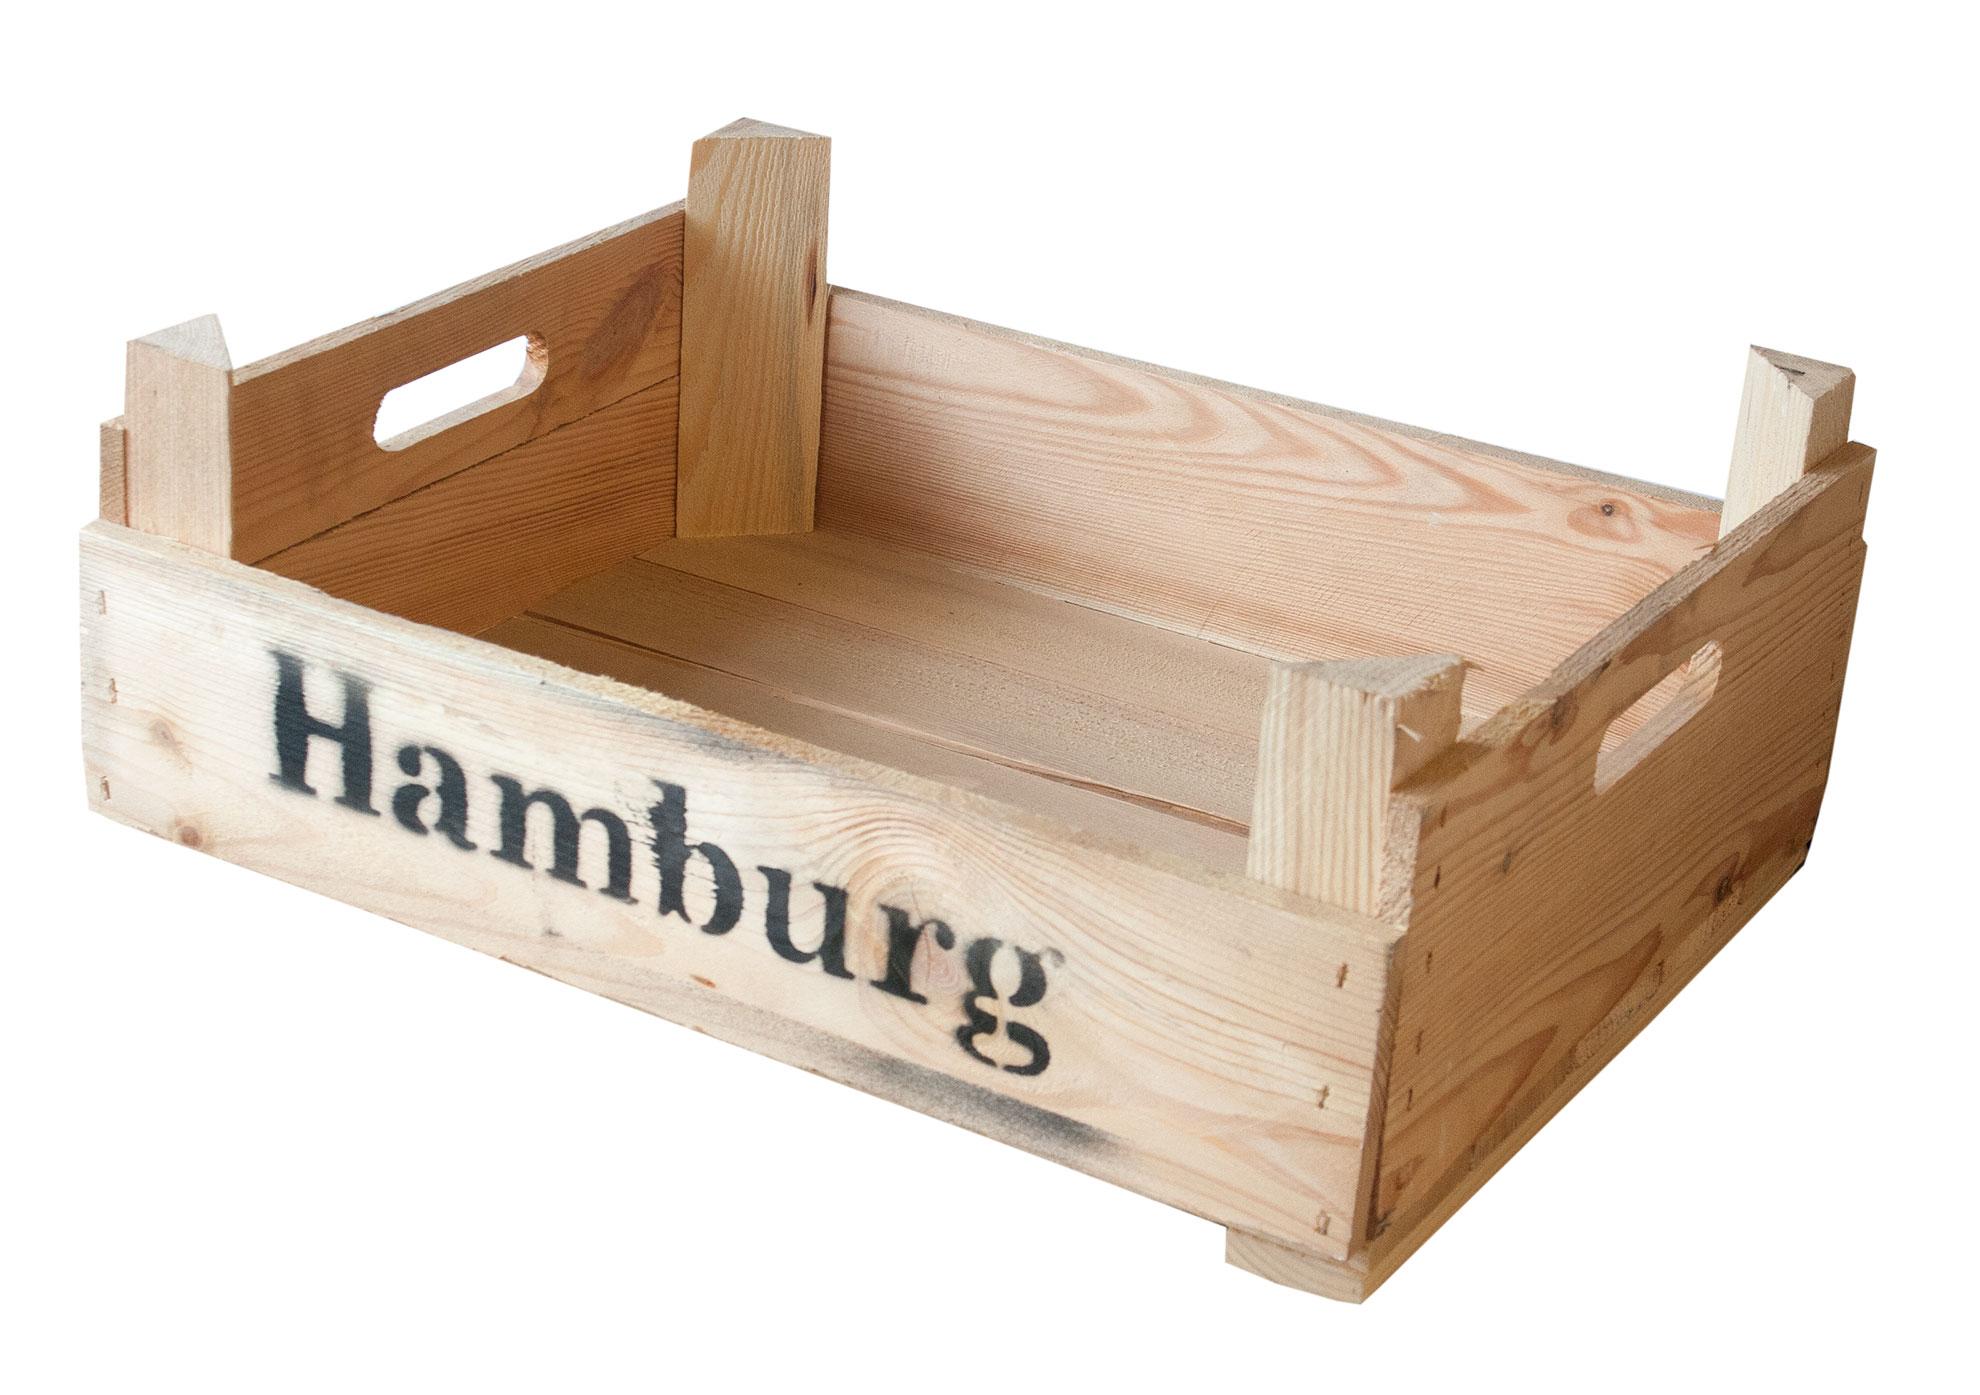 steigen norddeutsche kirschsteige hamburg 49x39x19cm. Black Bedroom Furniture Sets. Home Design Ideas